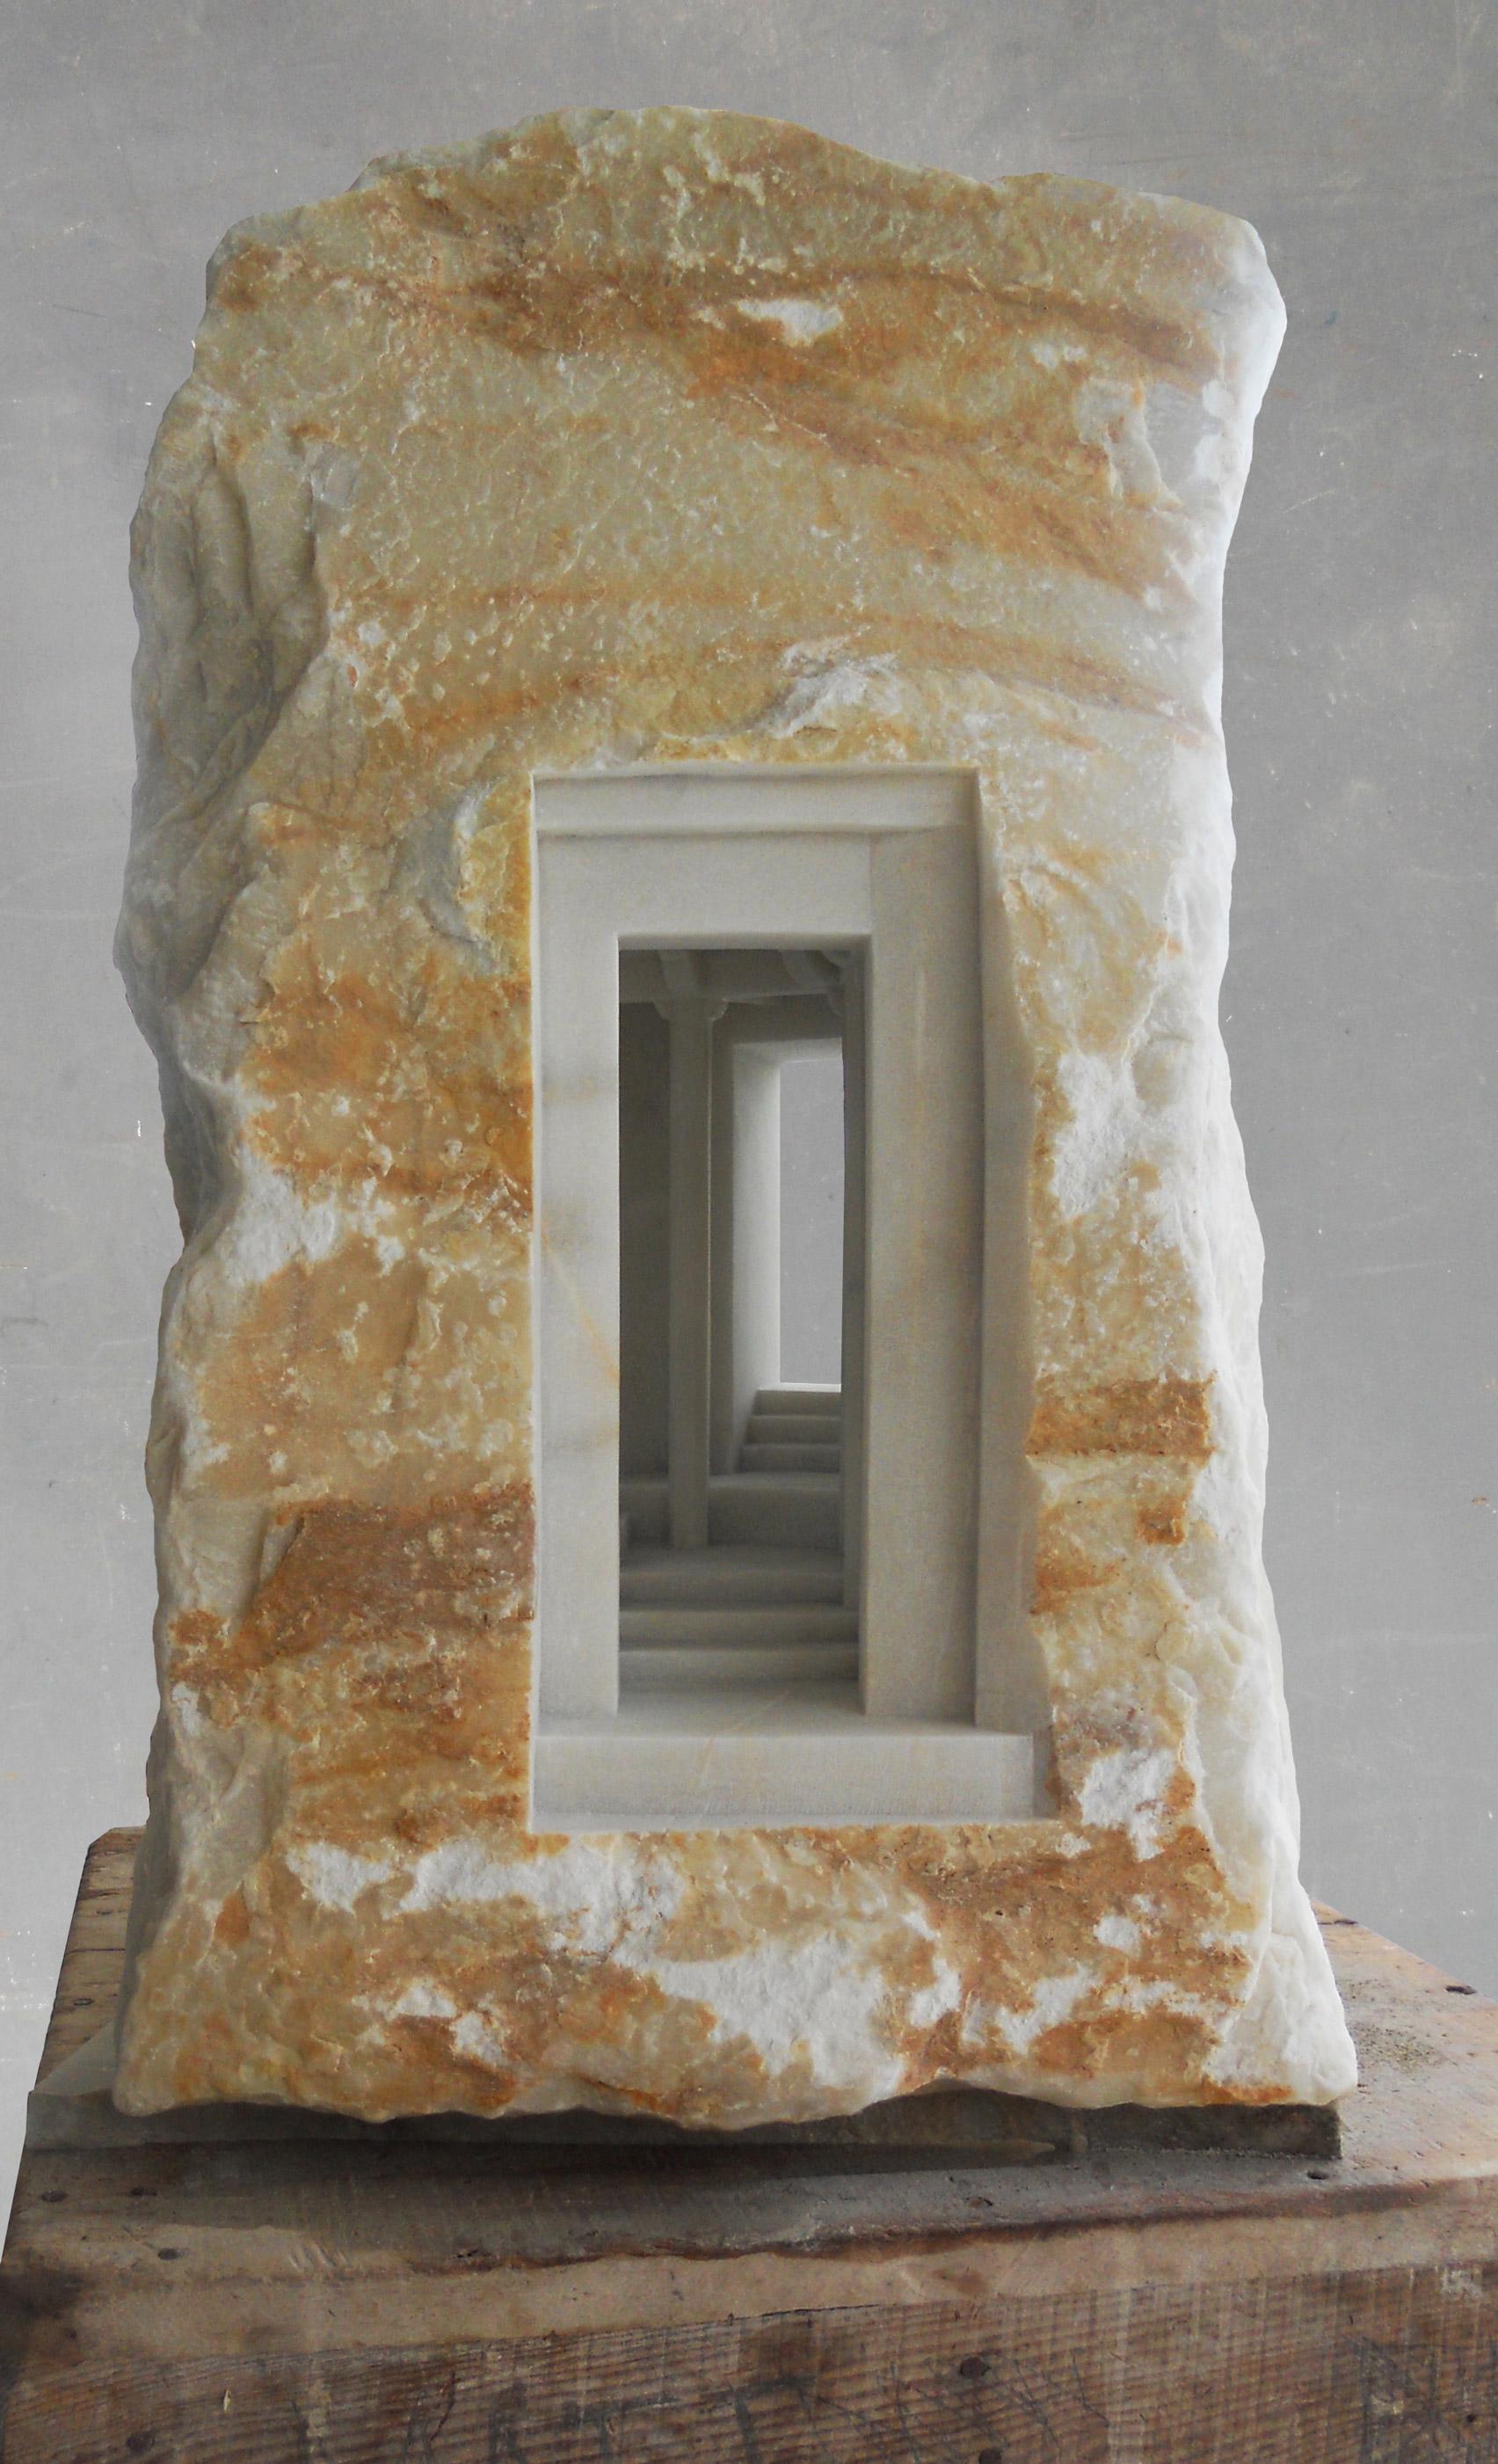 A sculpture from Matthew Simmonds Trilogy series